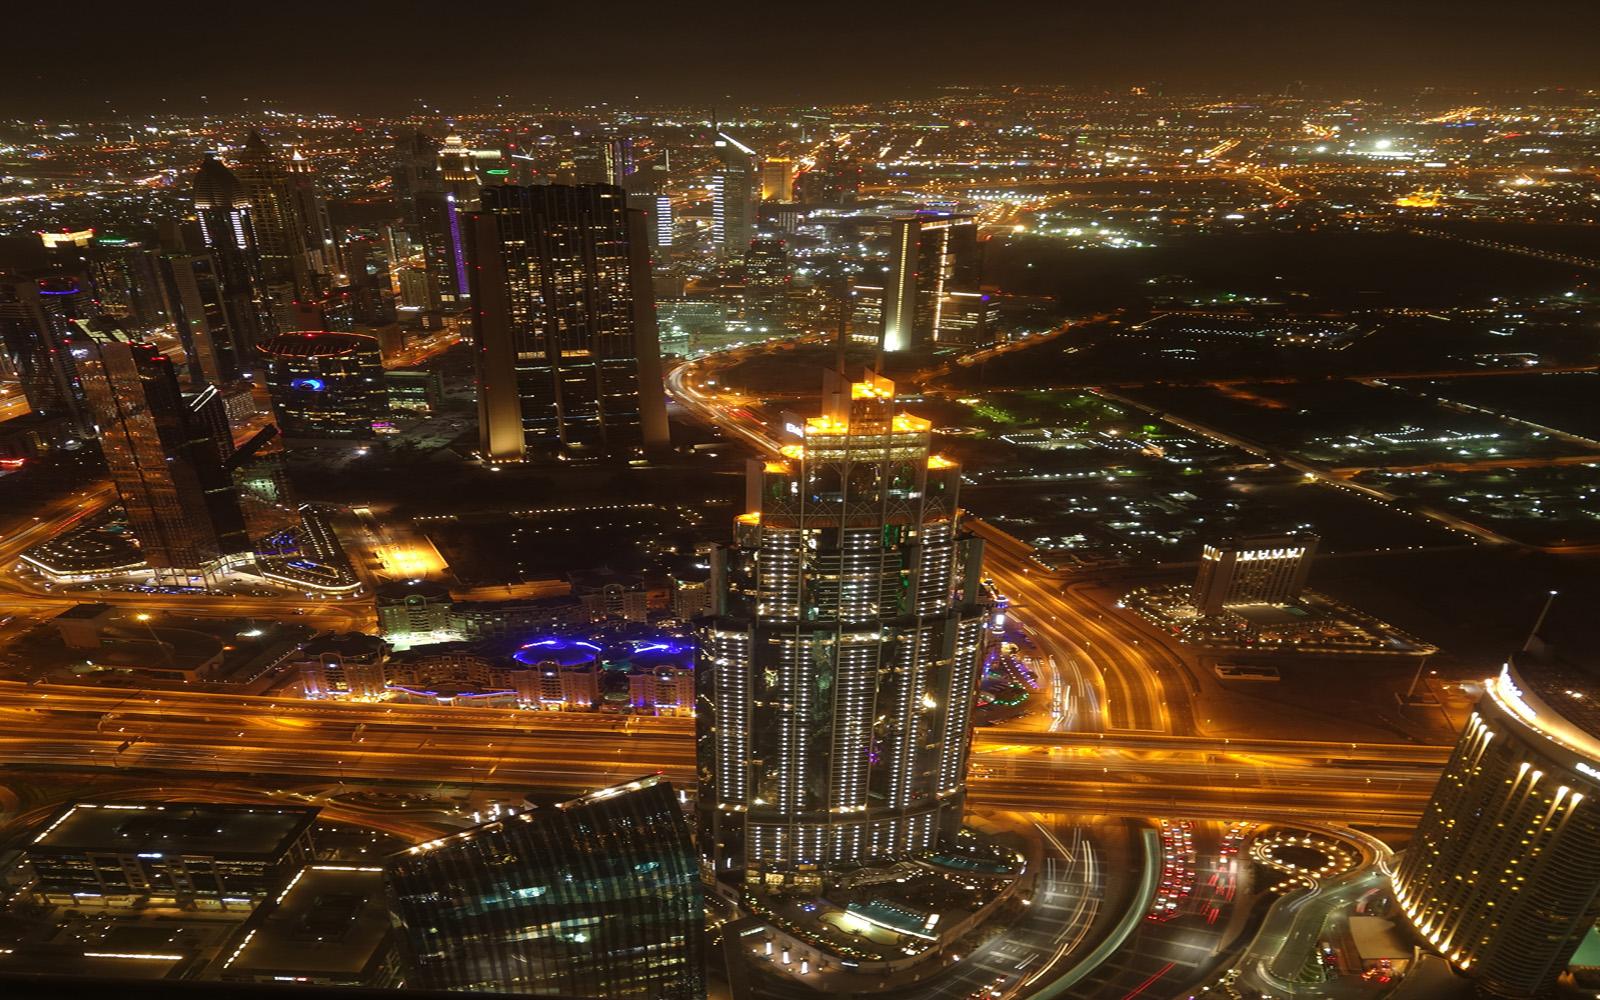 Dubai at NightAndrew Picken